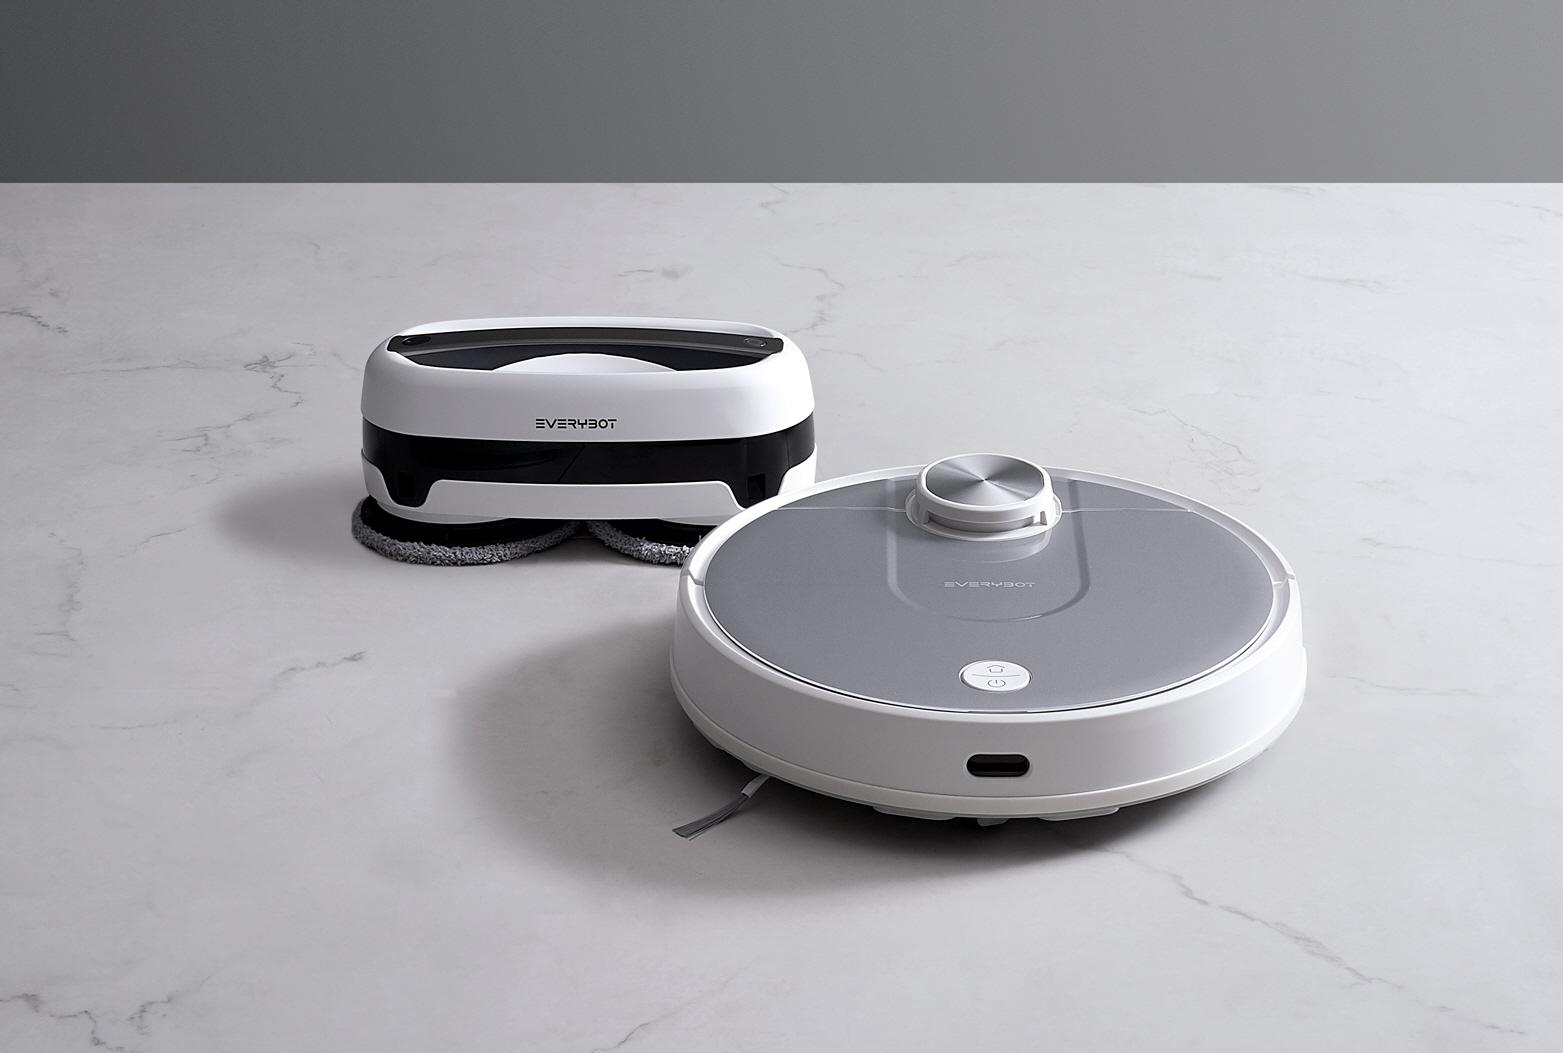 [2020 한국소비자만족지수 1위] 홈 서비스 로봇 전문 브랜드, 에브리봇